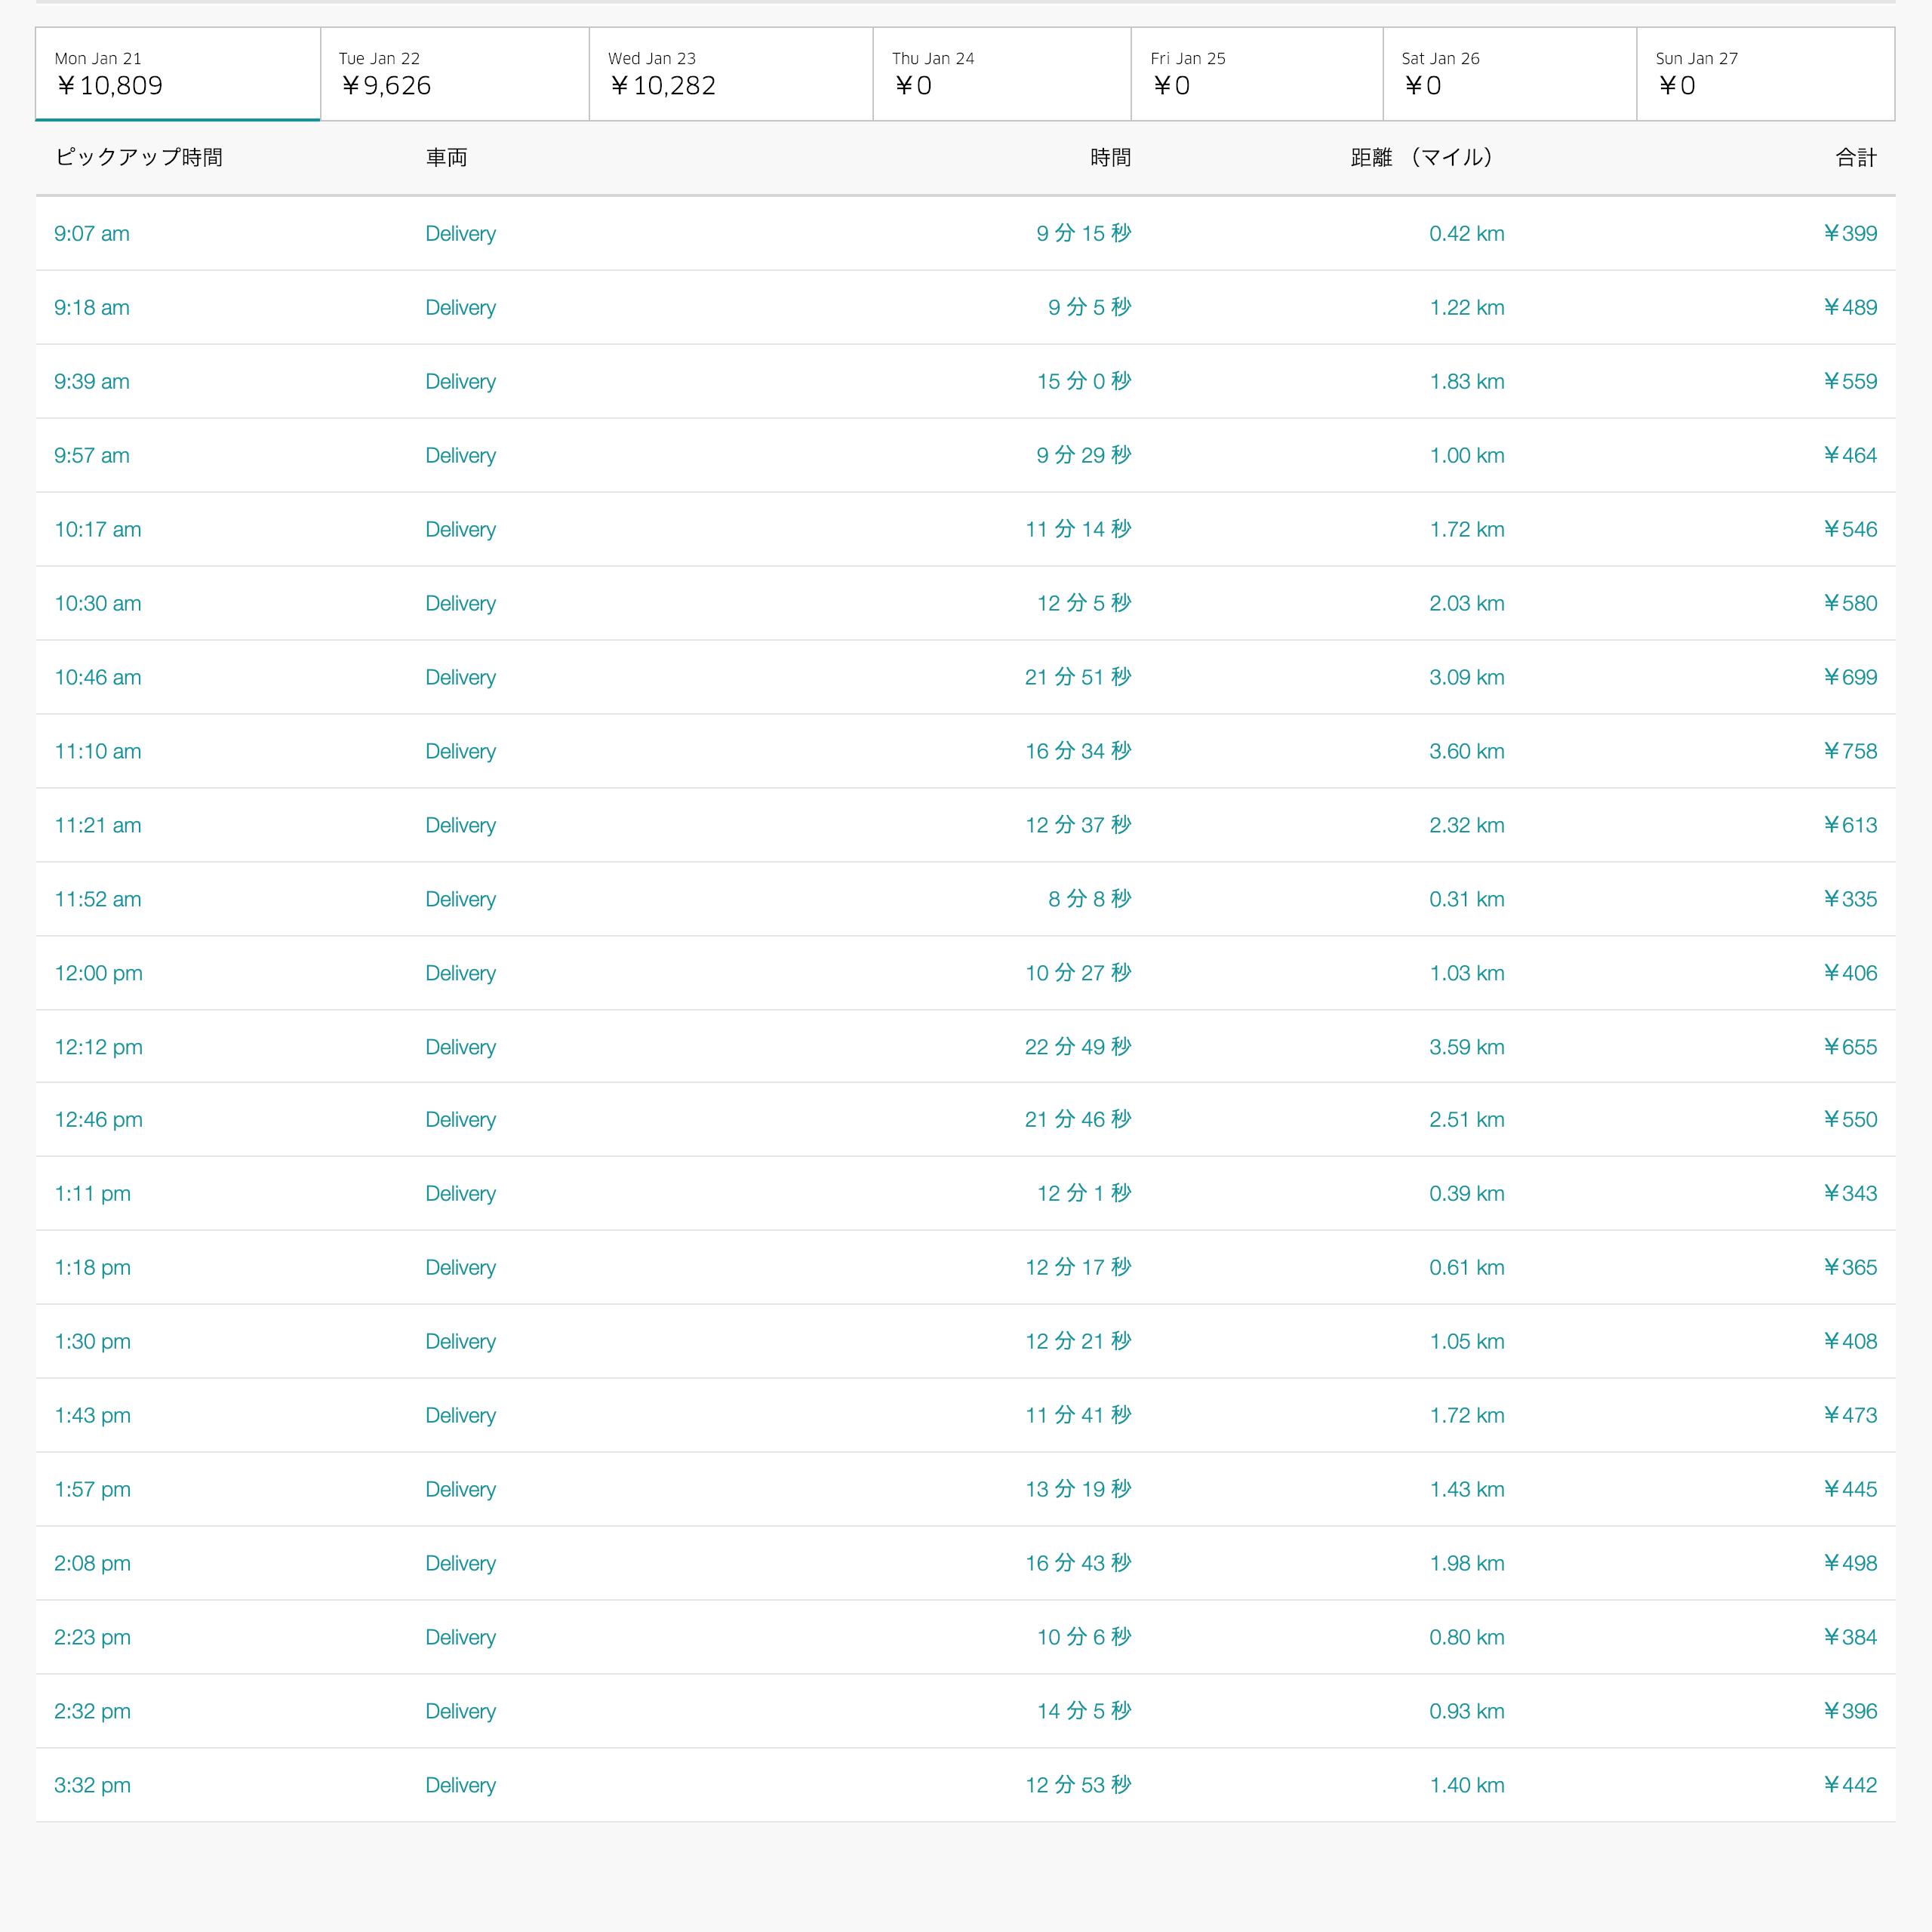 Uber Eats1月21日の配達数字